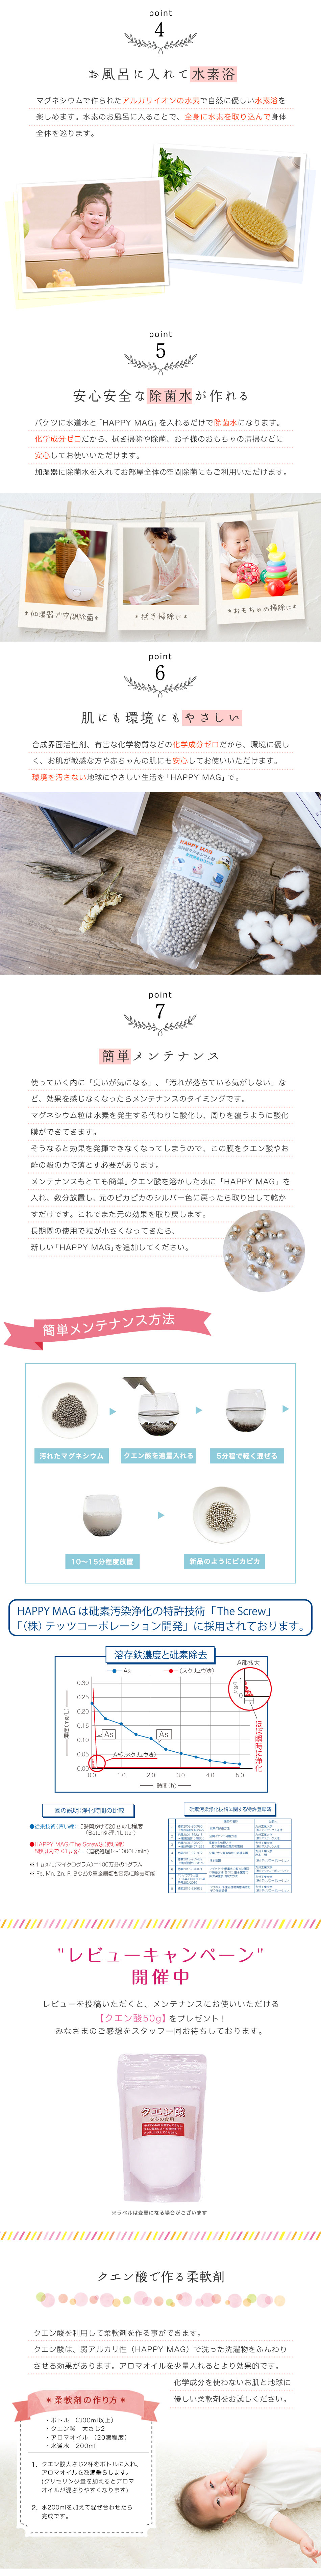 マグネシウム粒 洗濯 掃除 除菌用 水素風呂